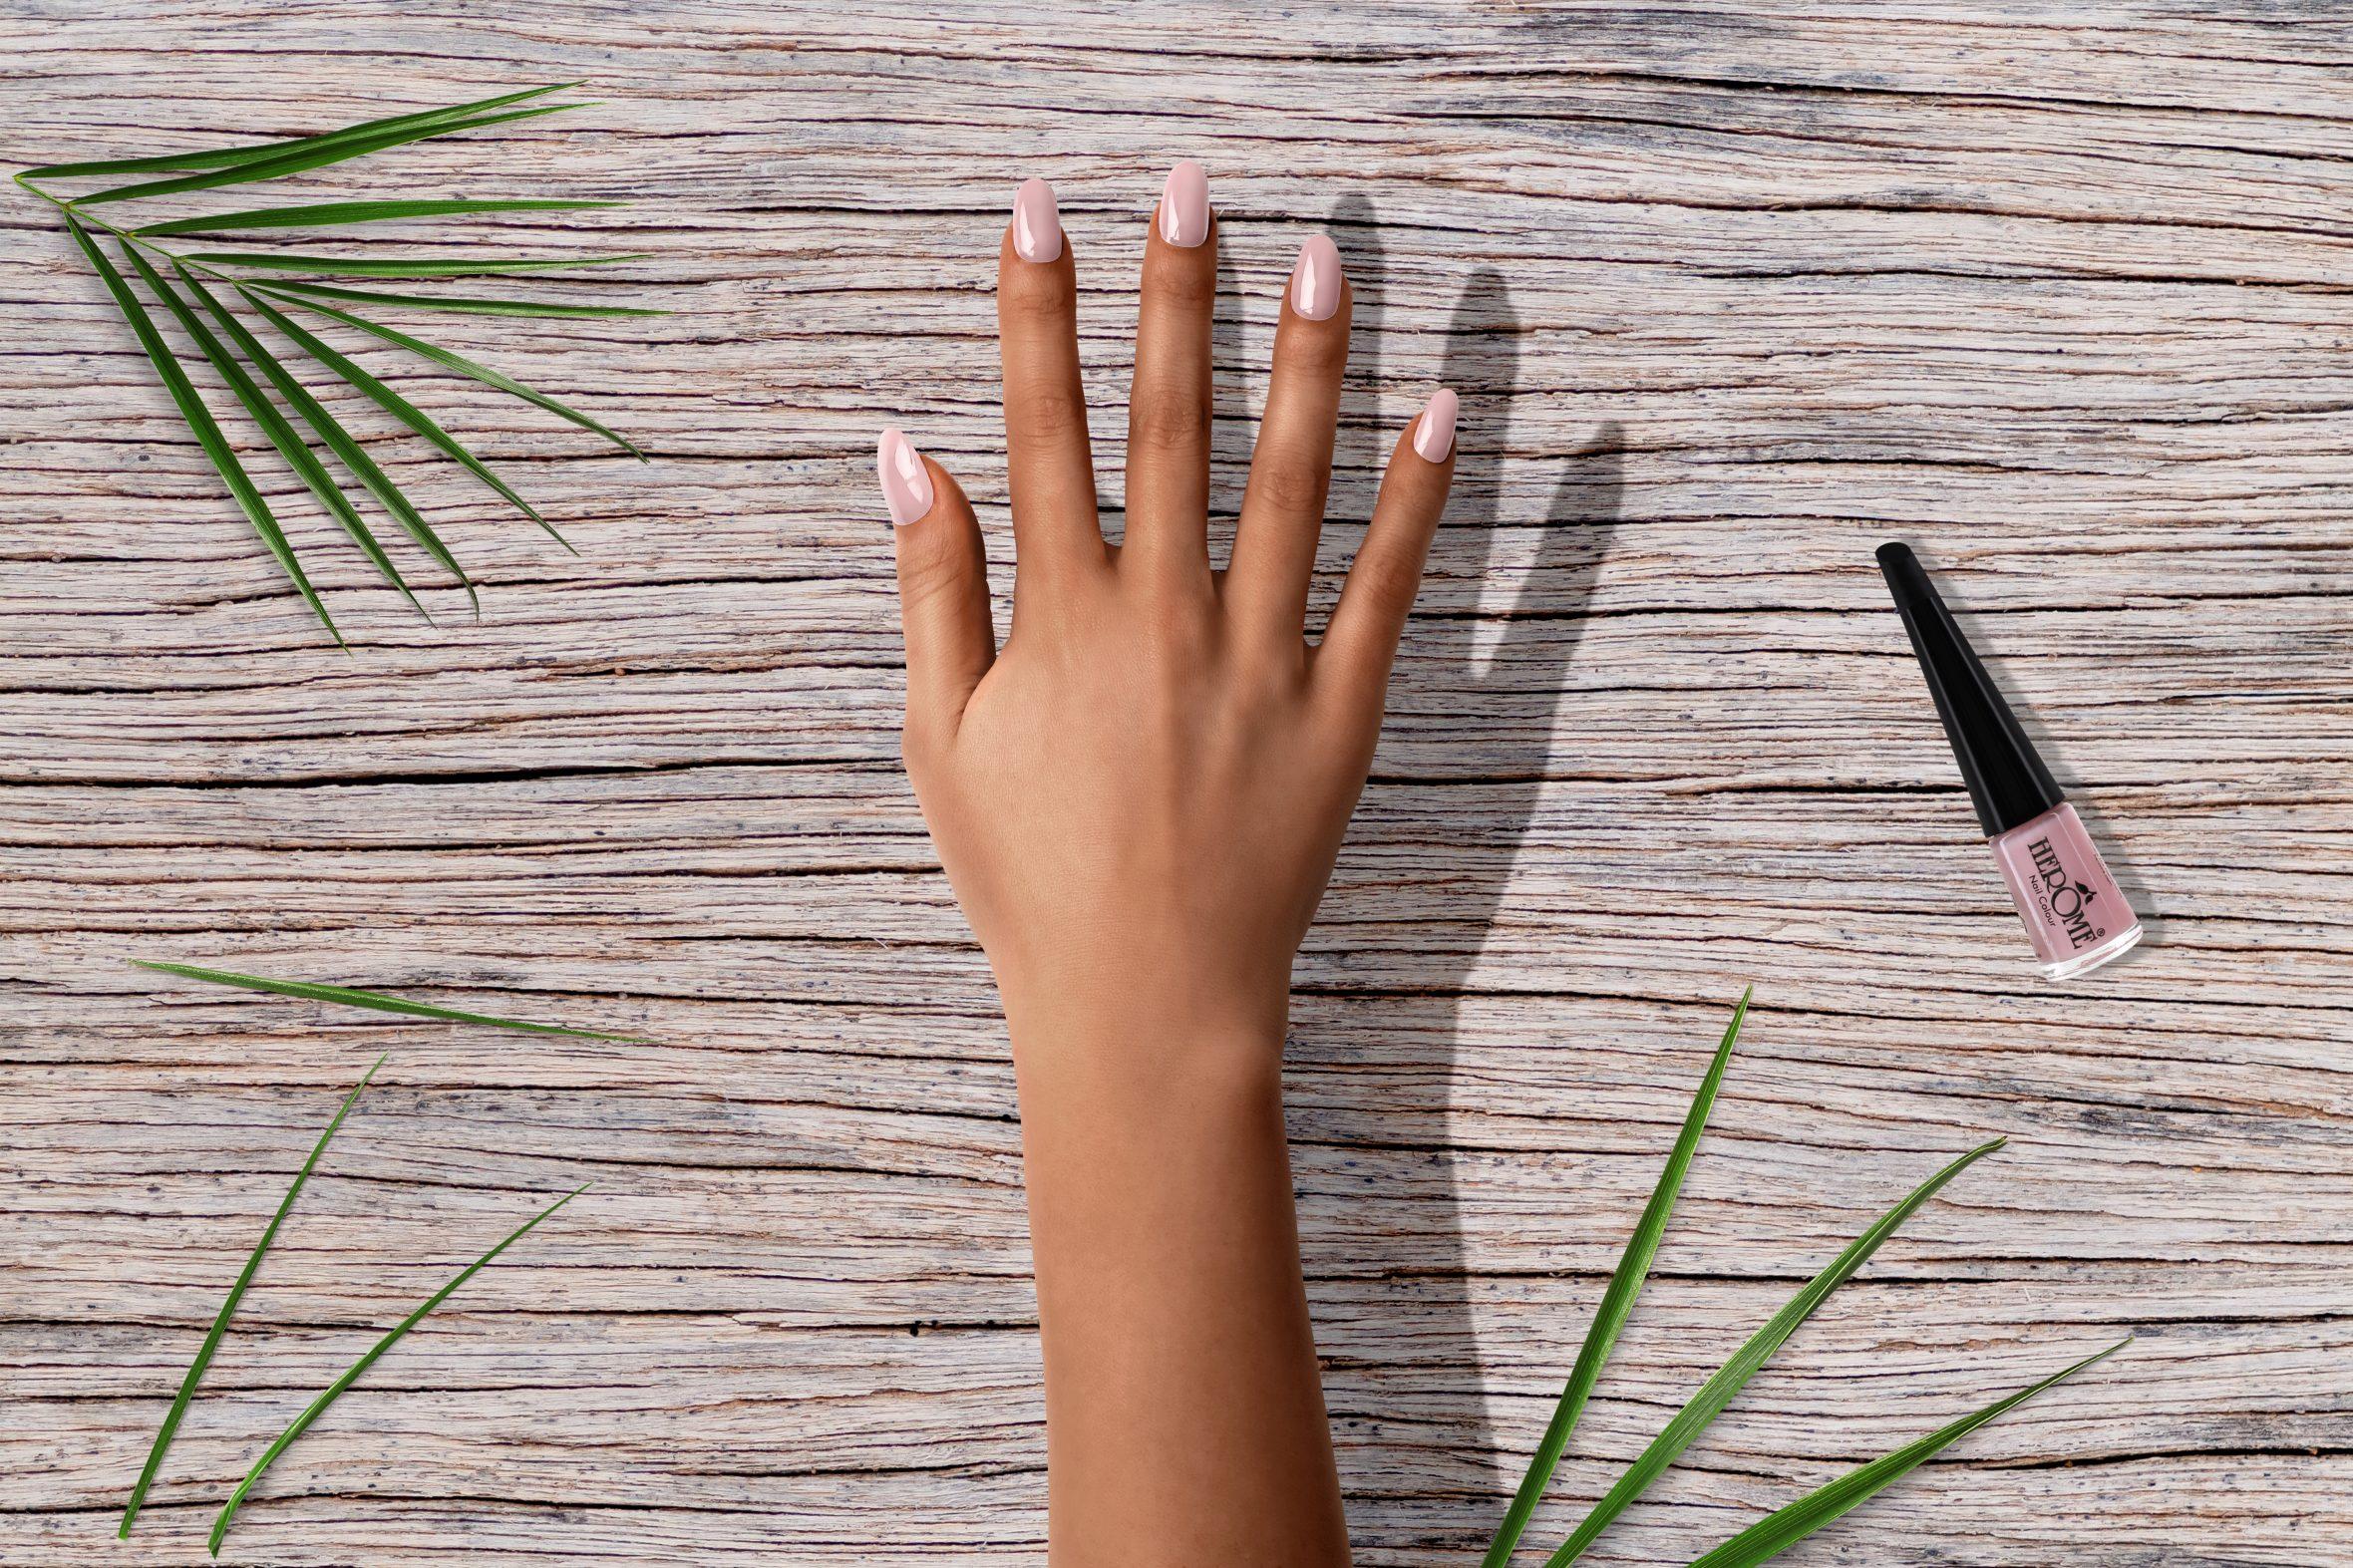 Lichtroze nagellak kleur uit Herôme nagellak collectie